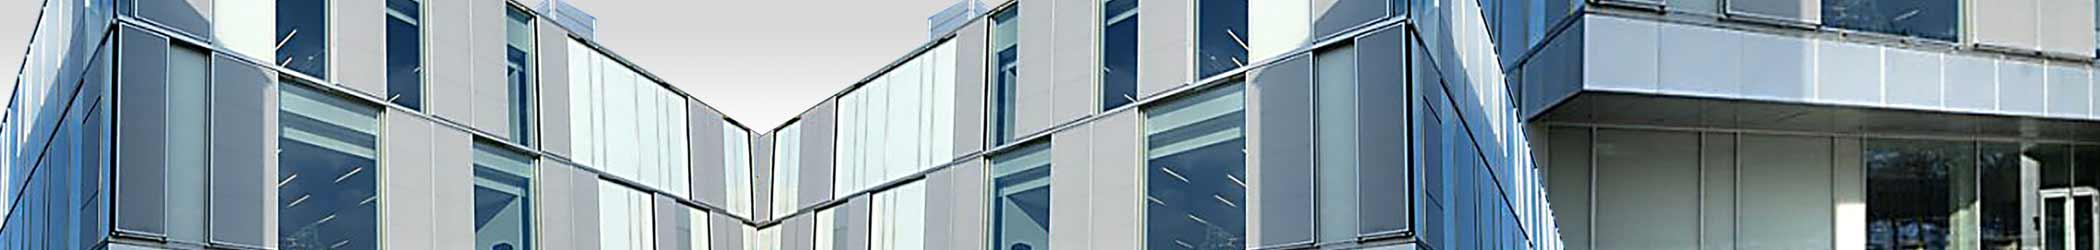 DTU Facade grå - Strækmetal - Naturanodiseret